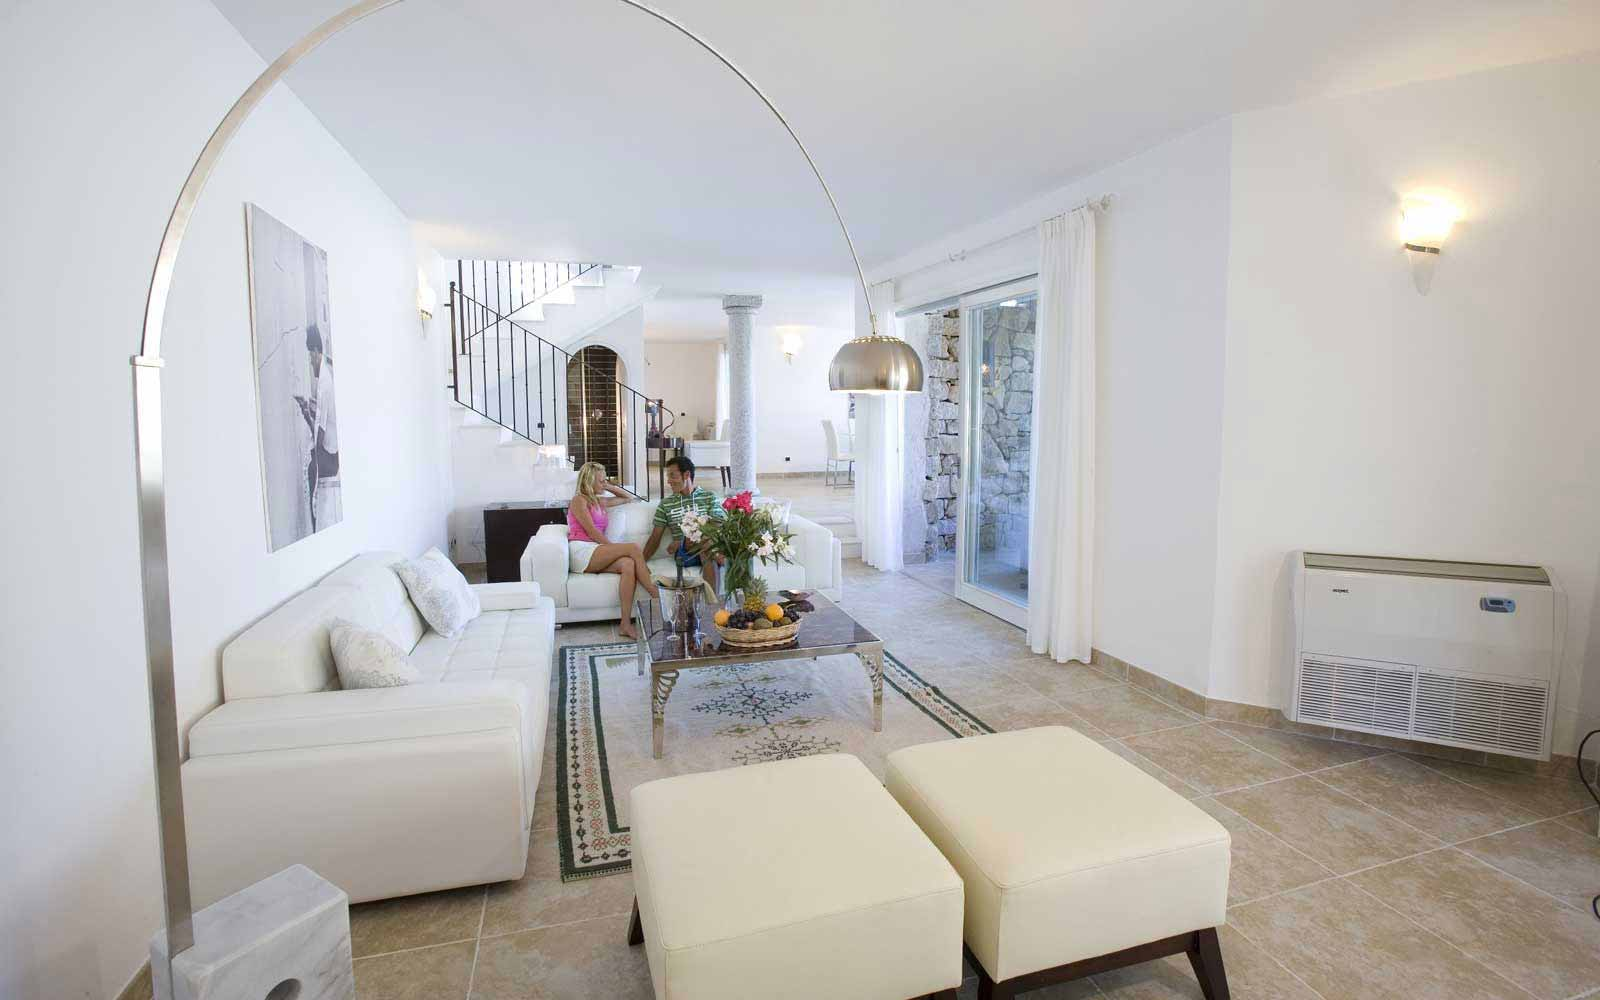 3 bedroom Villa Quercia's lounge at Hotel Villas Resort - Villas